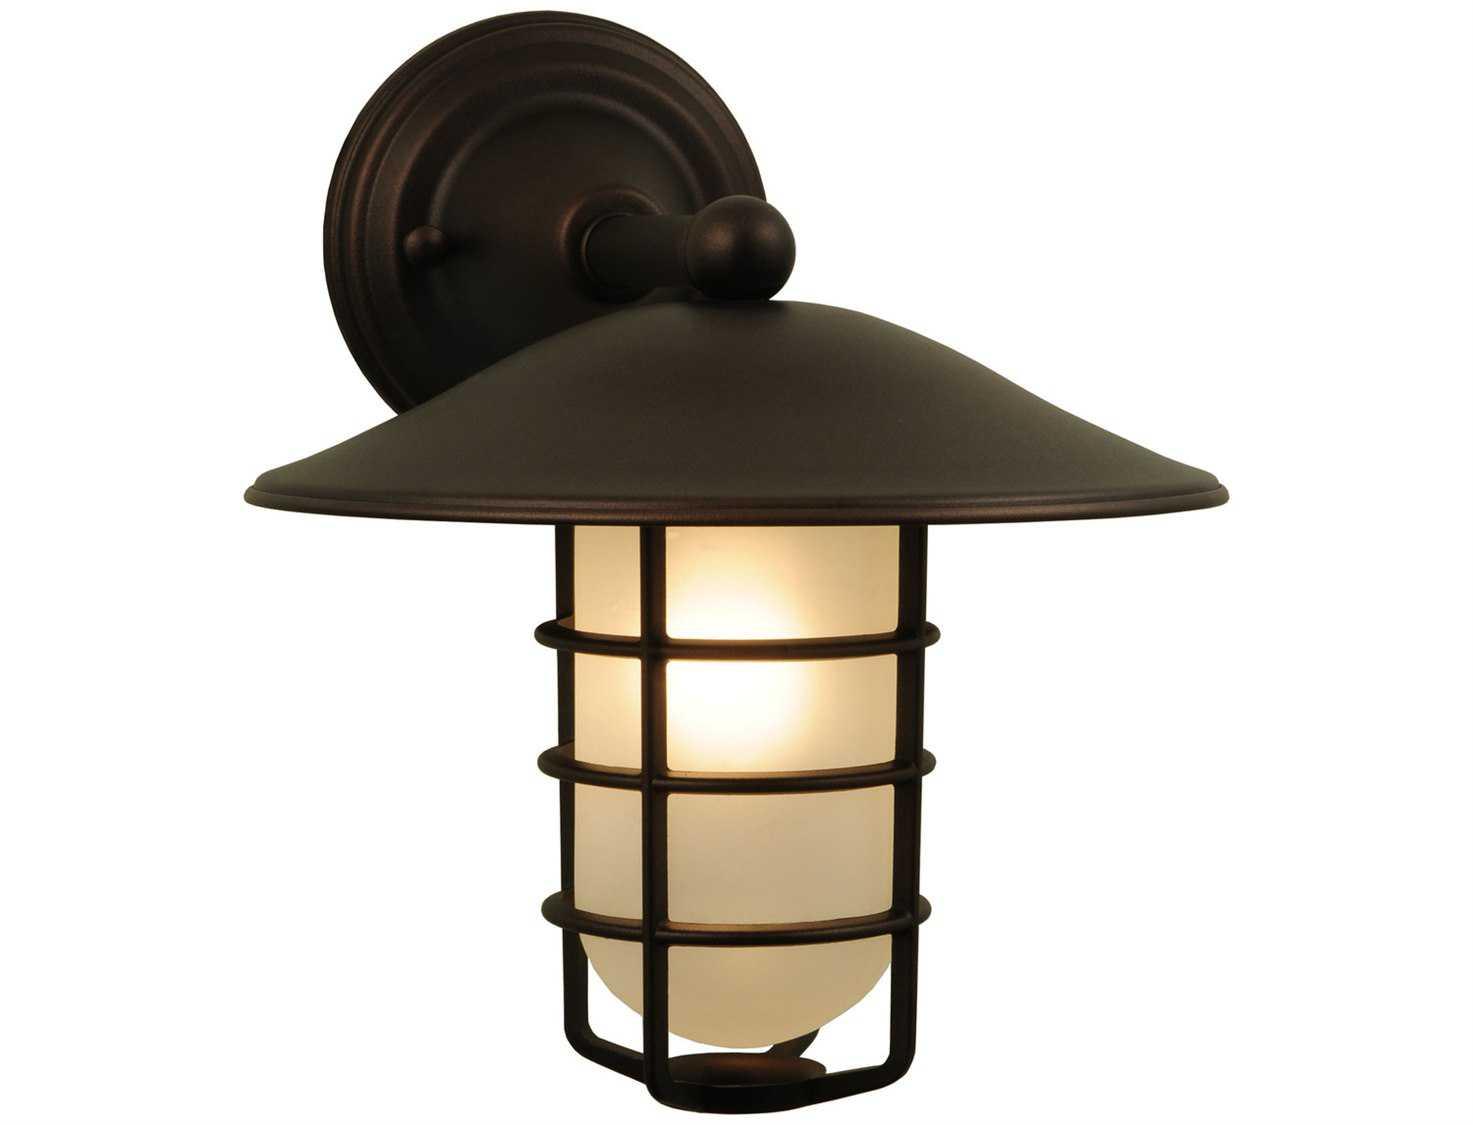 Meyda Tiffany Industrial Outdoor Wall Light 125905